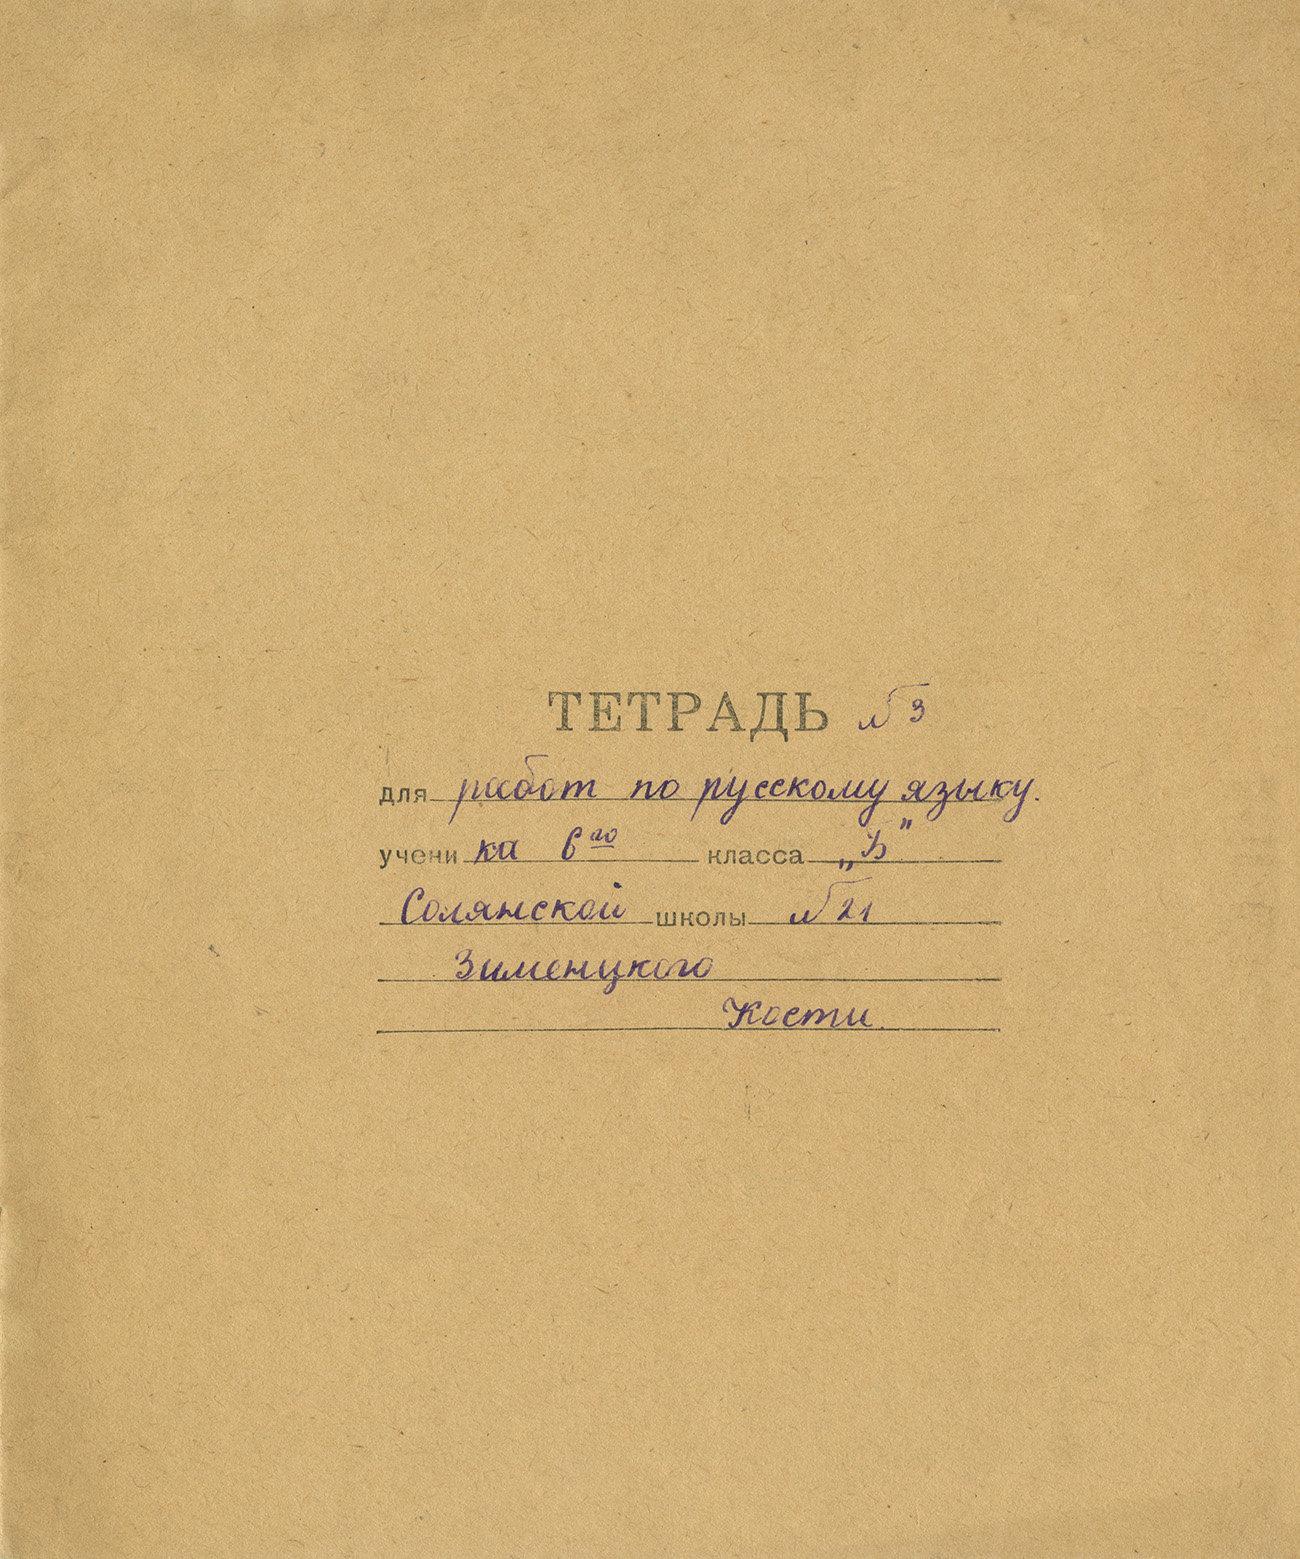 Тетрадь Приволжский СНХ полиграф-комбинат, 1963 г.